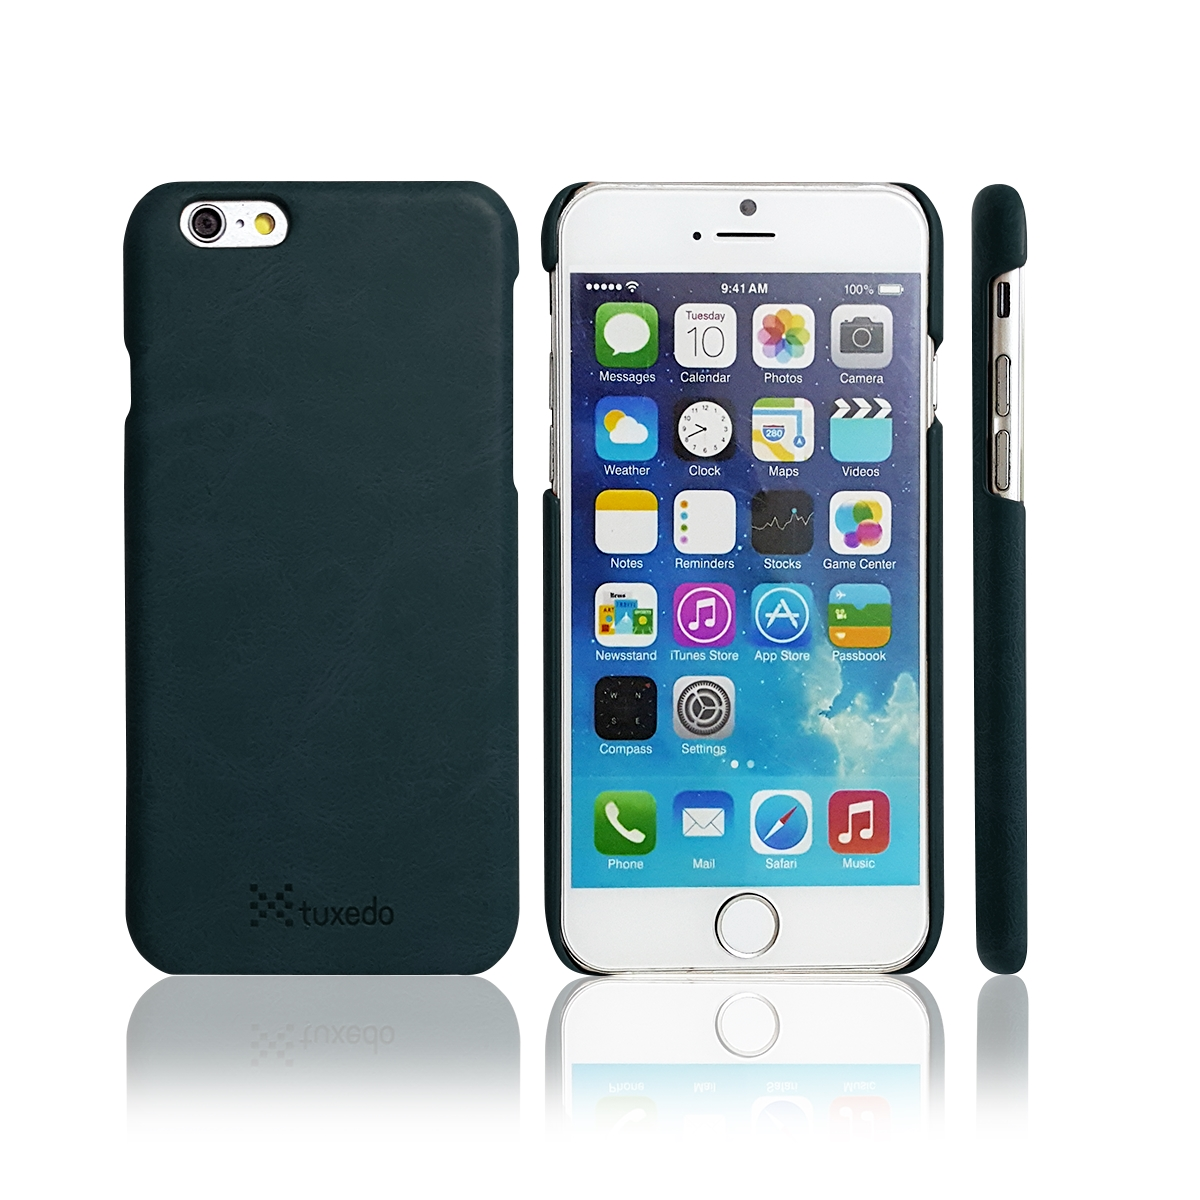 Ốp lưng da iPhone 6/6S Tuxedo, da PU cao cấp, cứng cáp, chống va đập, biến dạng